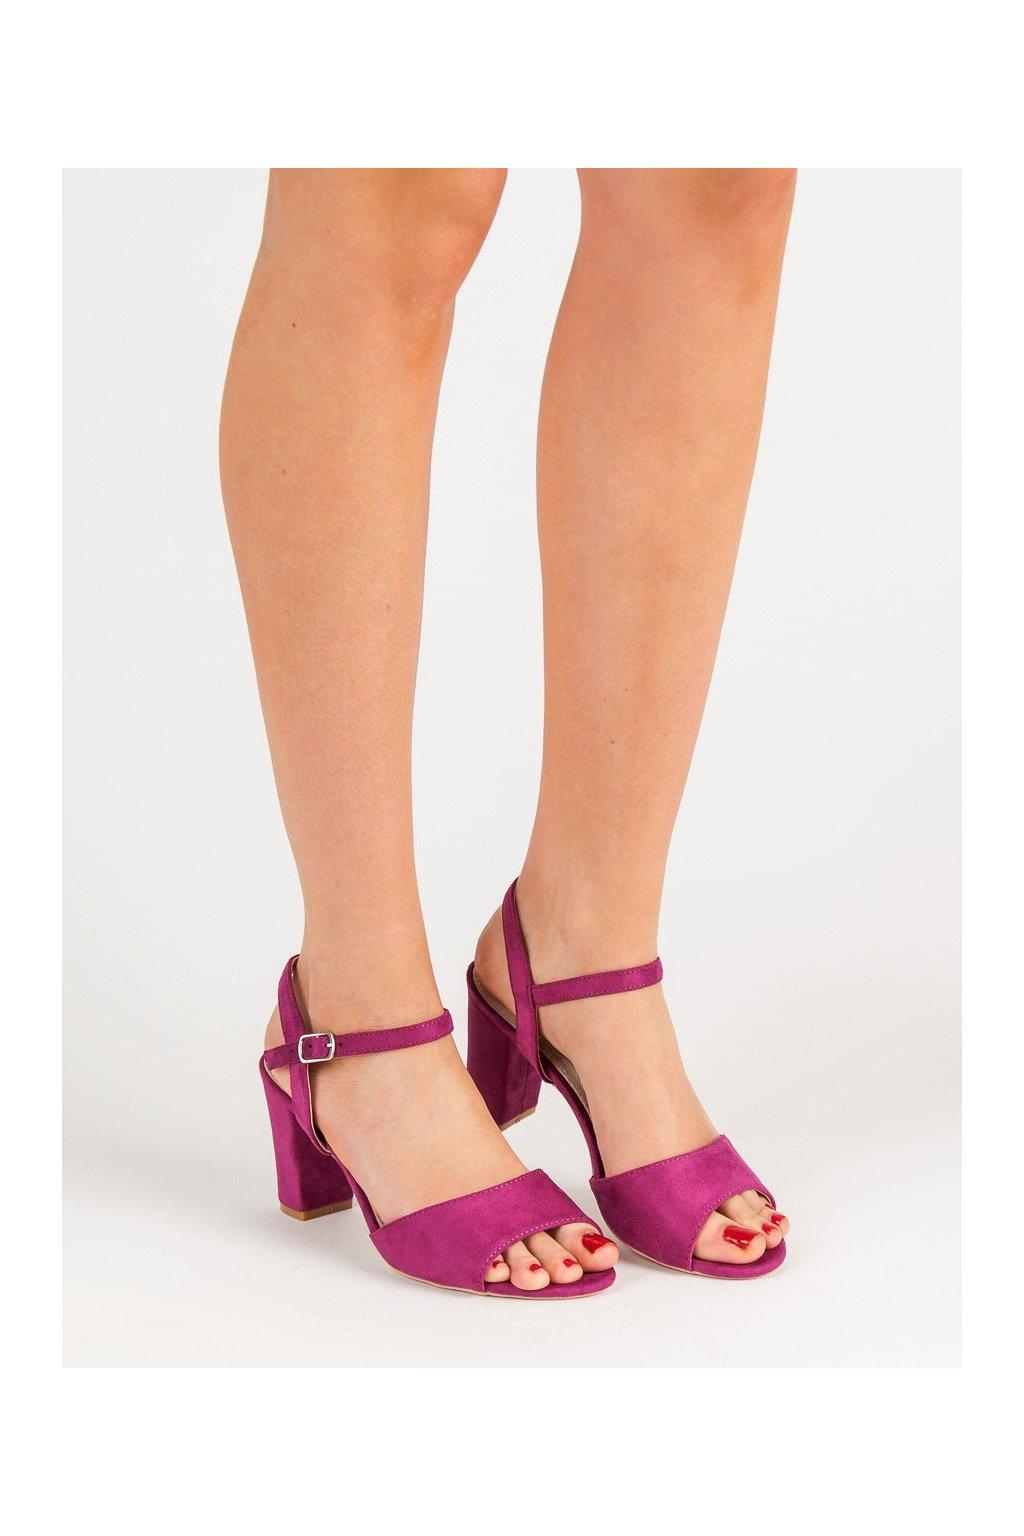 Fialové sandále Filippo NJSK DS777/19F